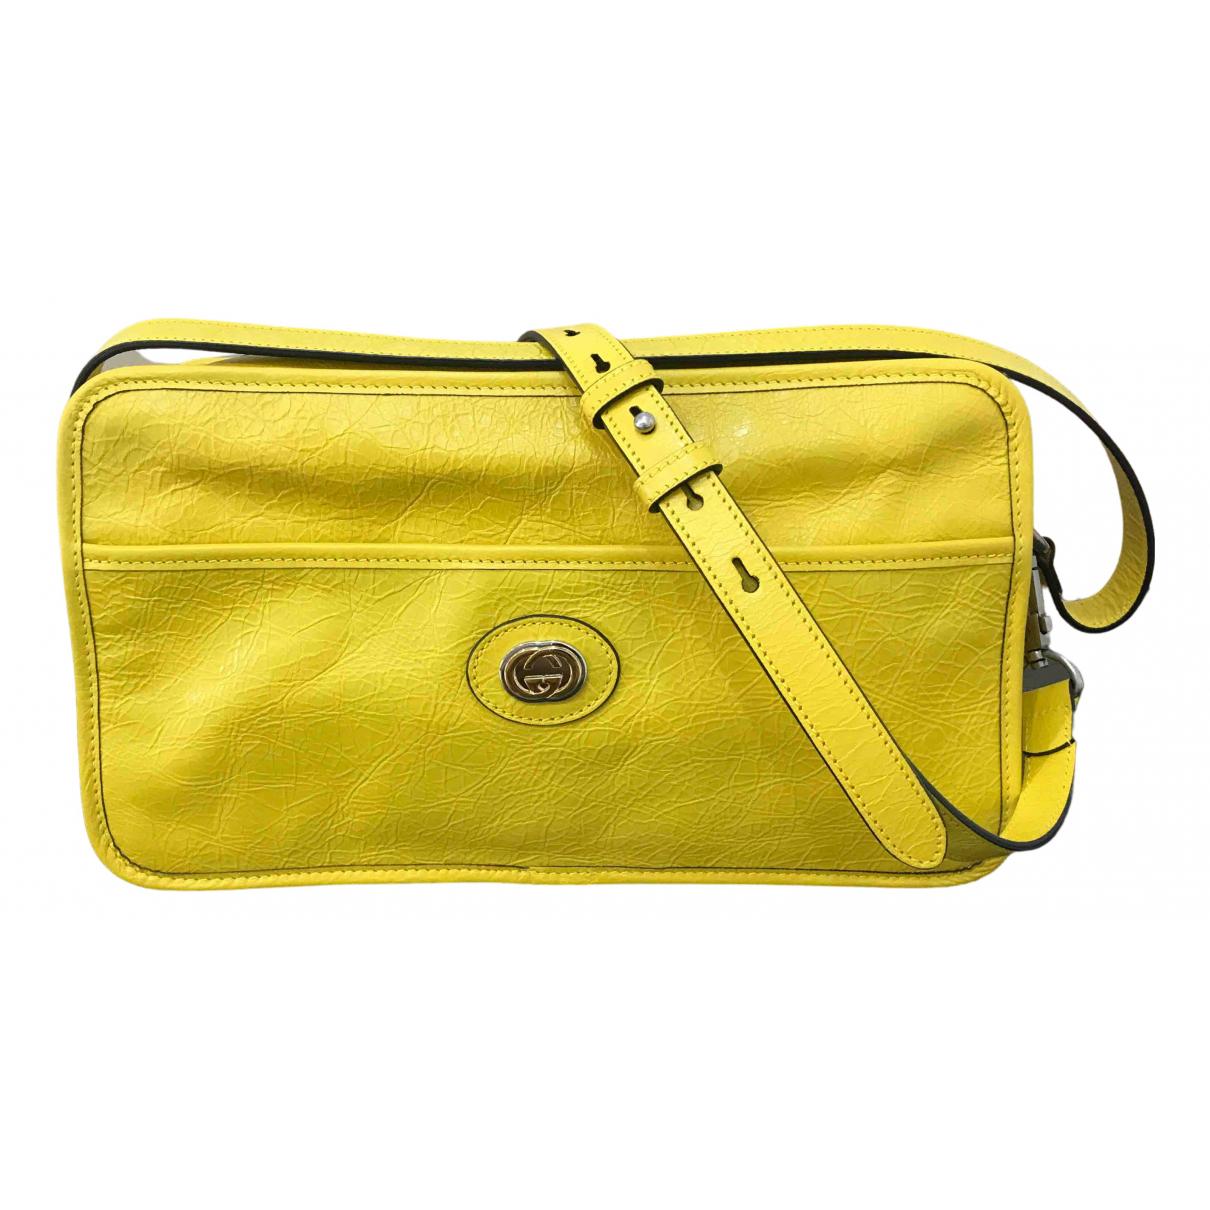 Gucci - Sac a main   pour femme en cuir - jaune